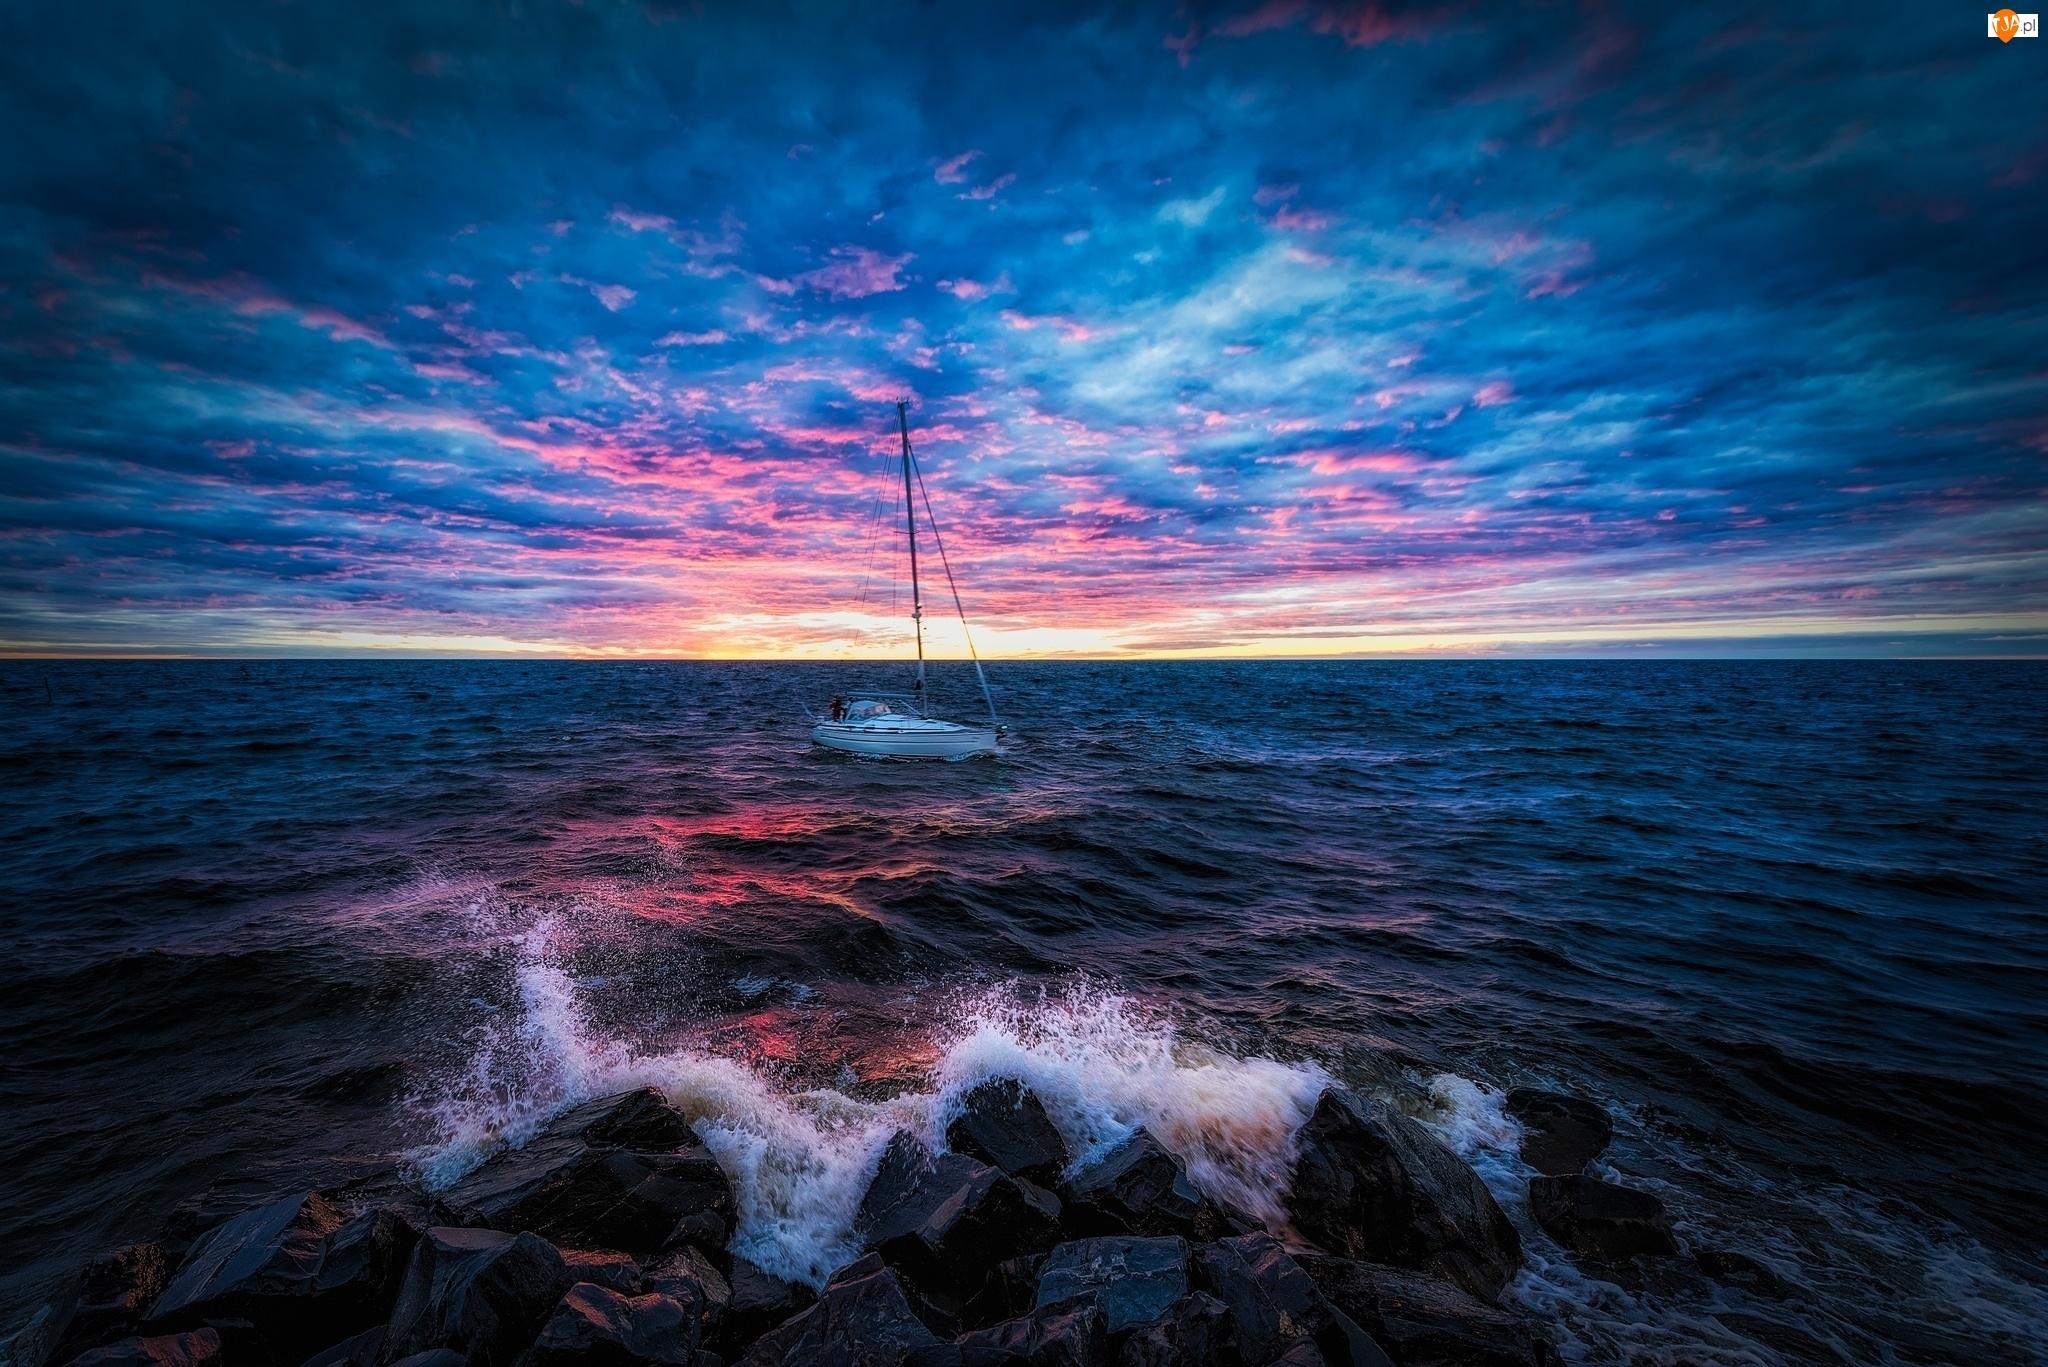 Morze, Niebo, Żaglówka, Kolorowe